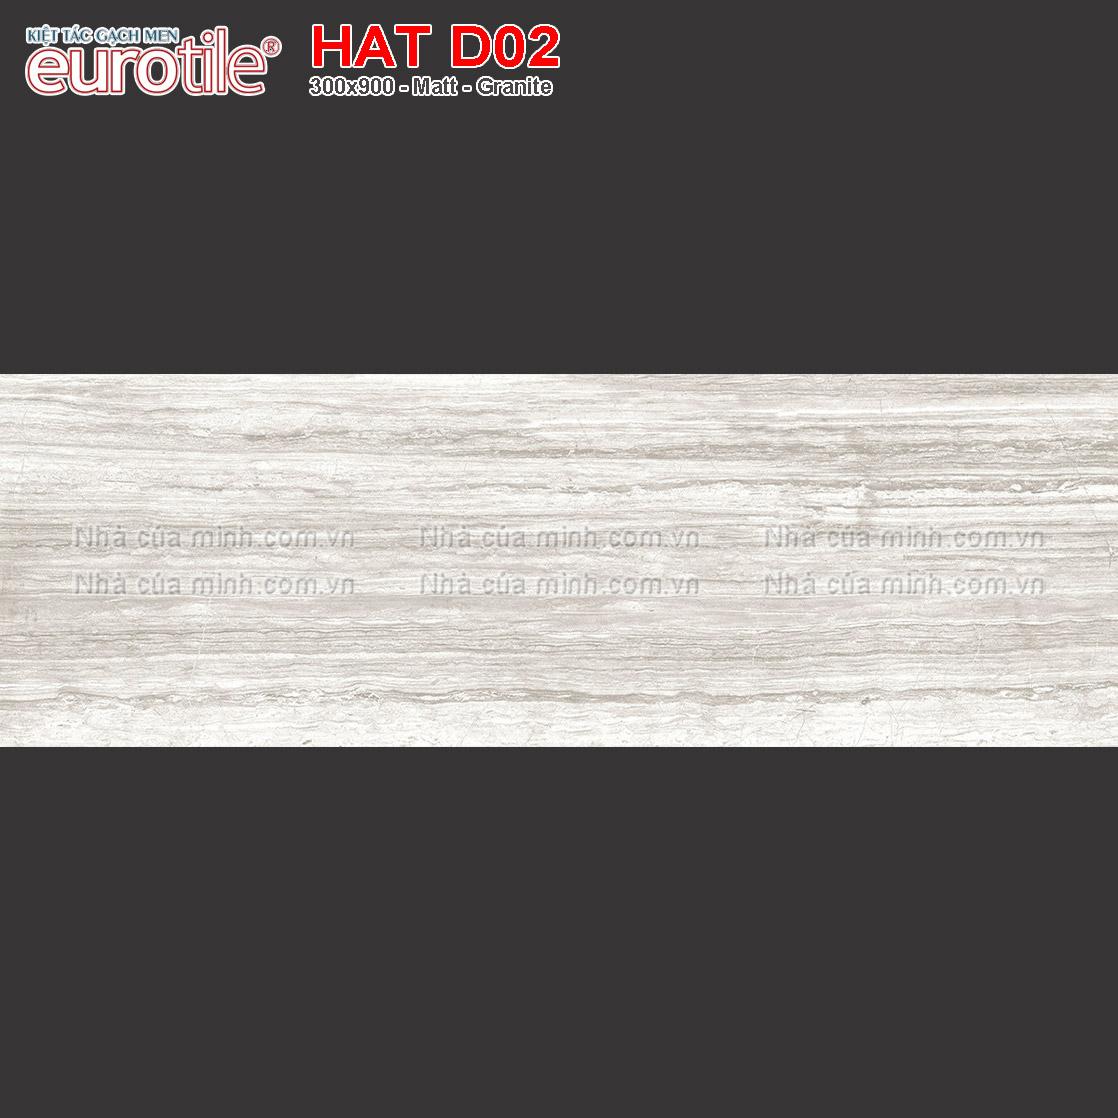 Gạch ốp lát 300x900 Eurotile Hải Thụy HAT D02 giá rẻ